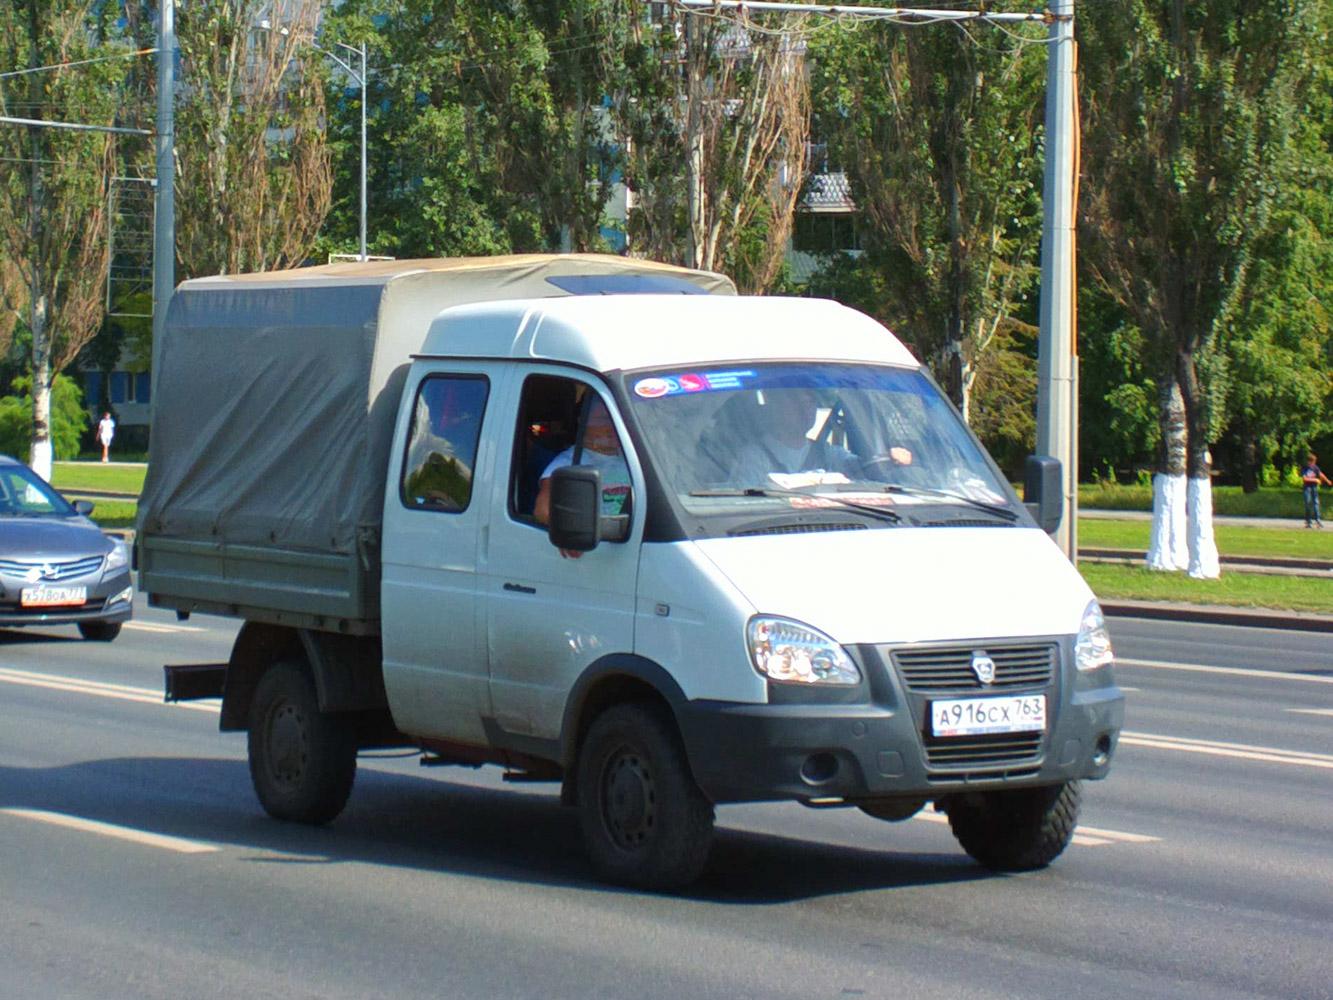 Грузопассажирский автомобиль ГАЗ-231073 #А916СХ763. г. Самара, Московское шоссе